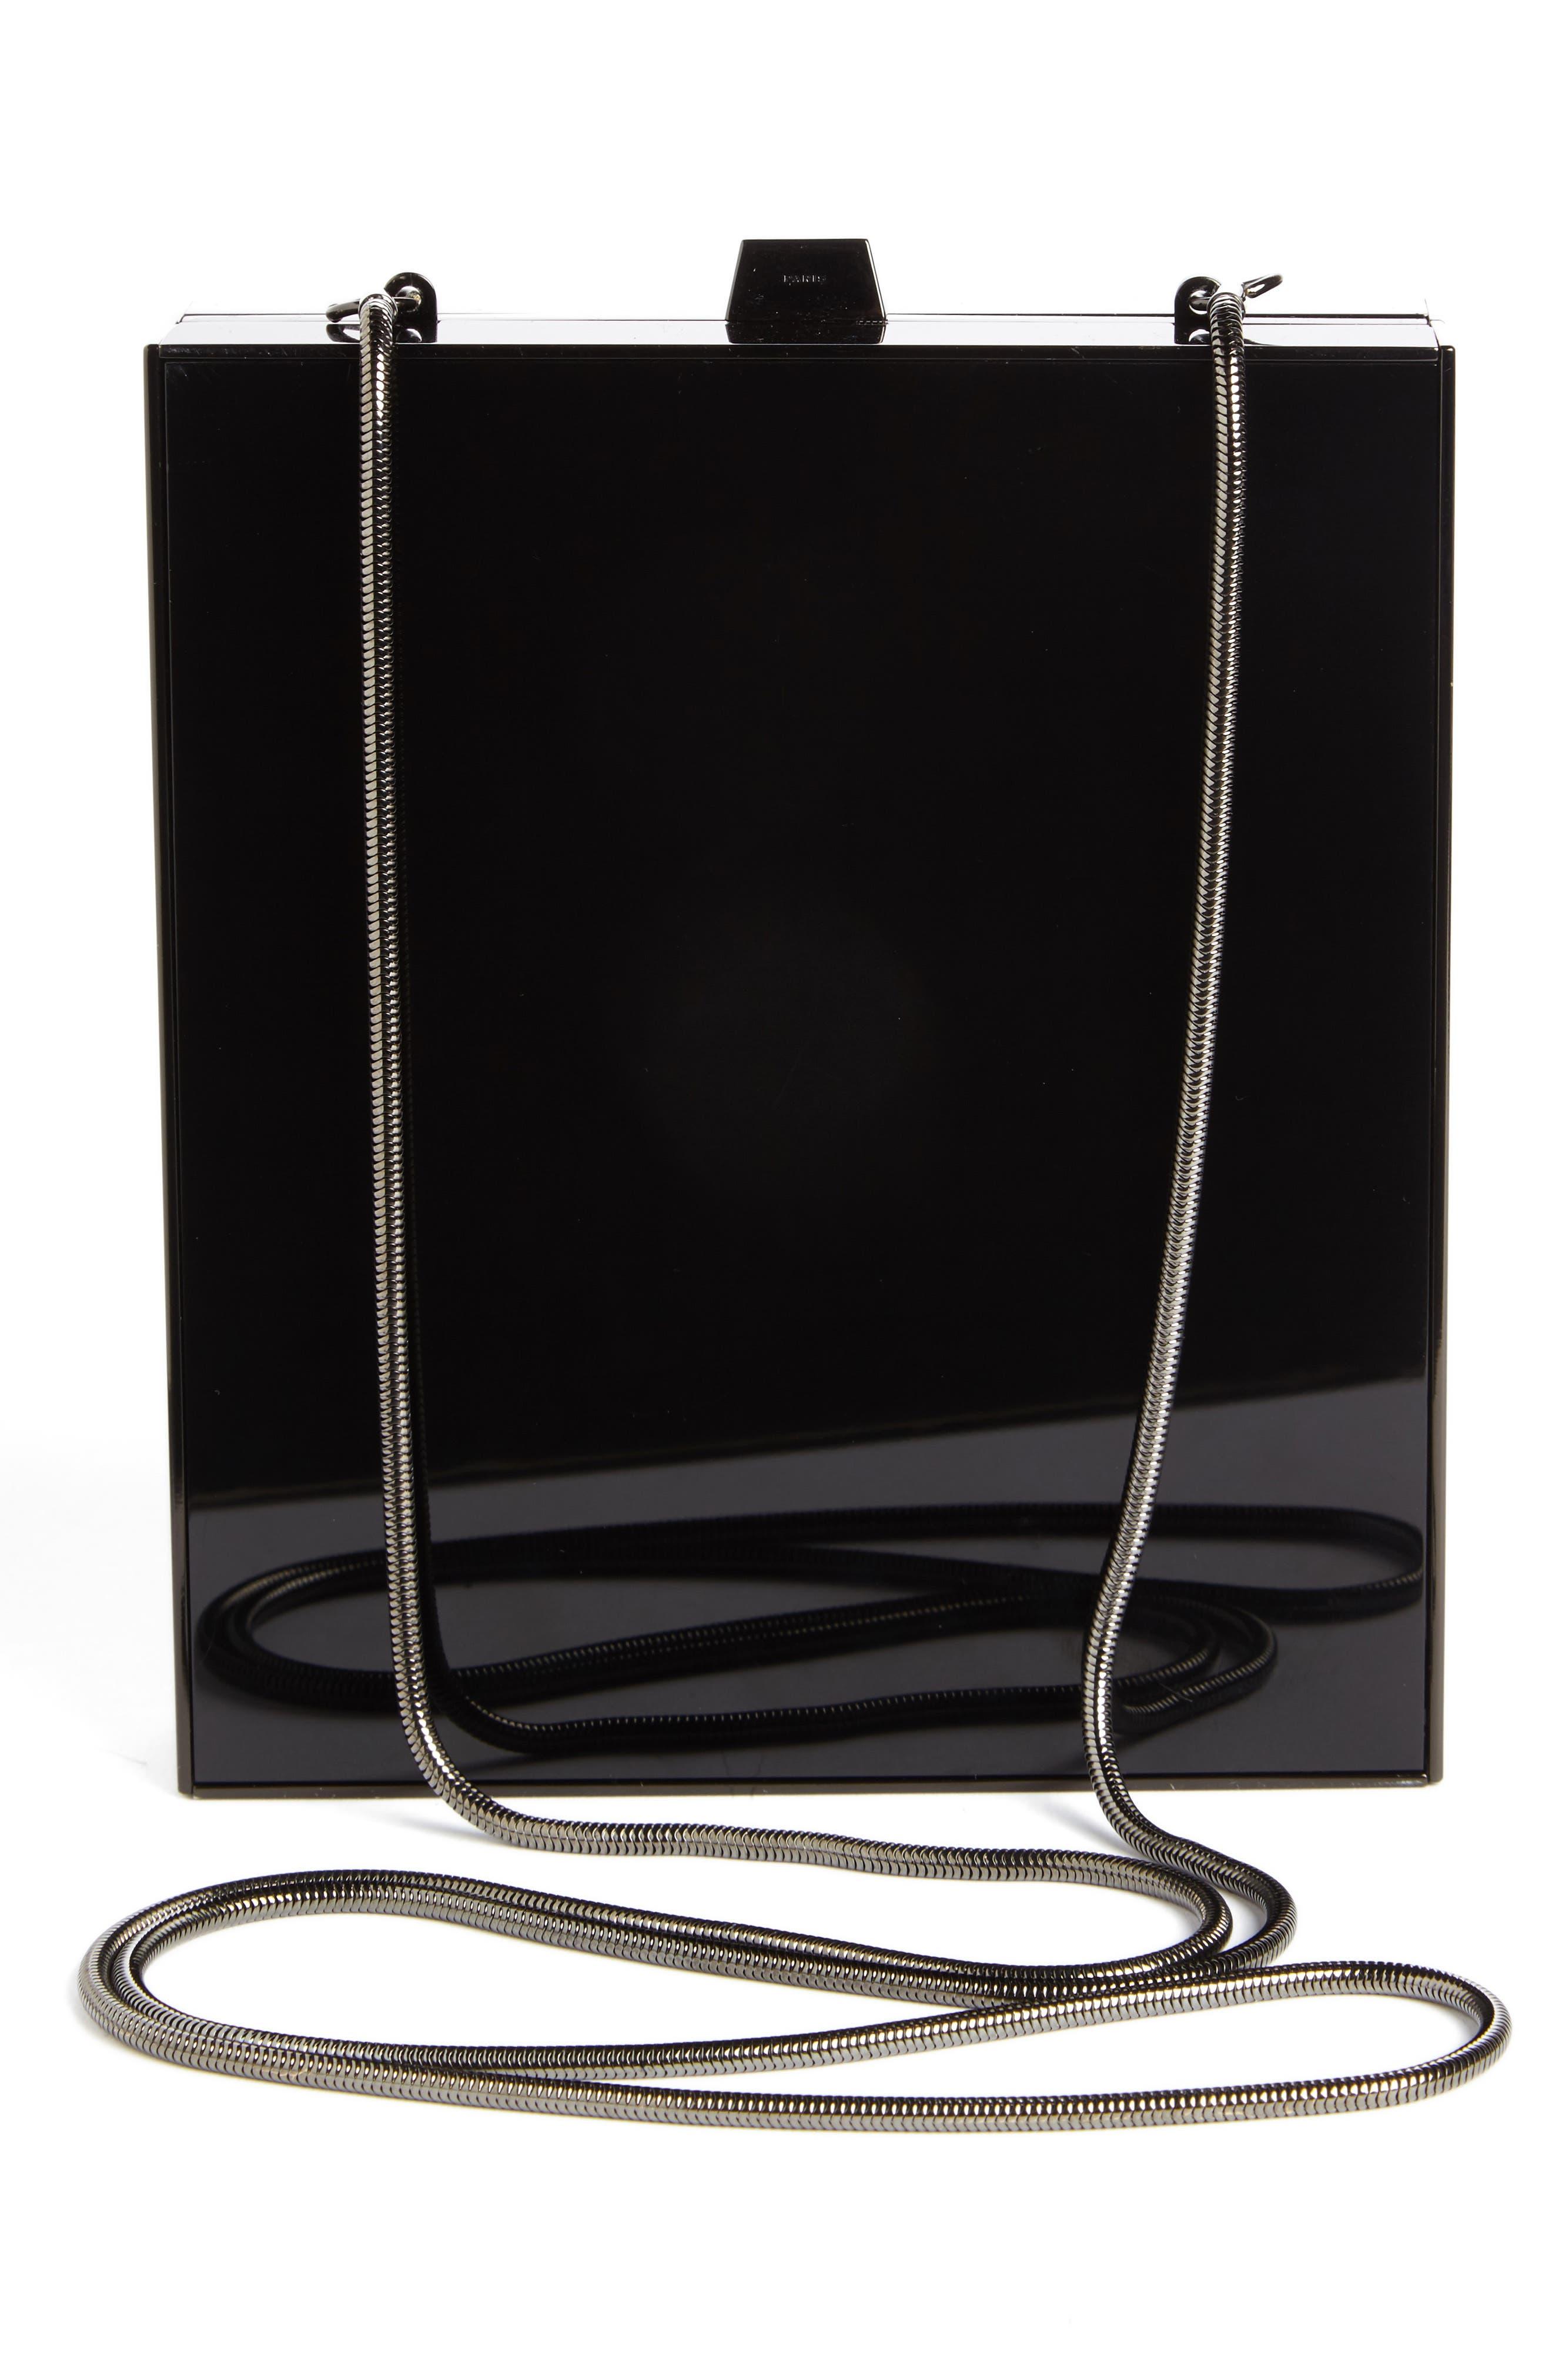 SAINT LAURENT,                             Tuxedo Plexiglass Clutch,                             Alternate thumbnail 2, color,                             NOIR/ BLK MATTE